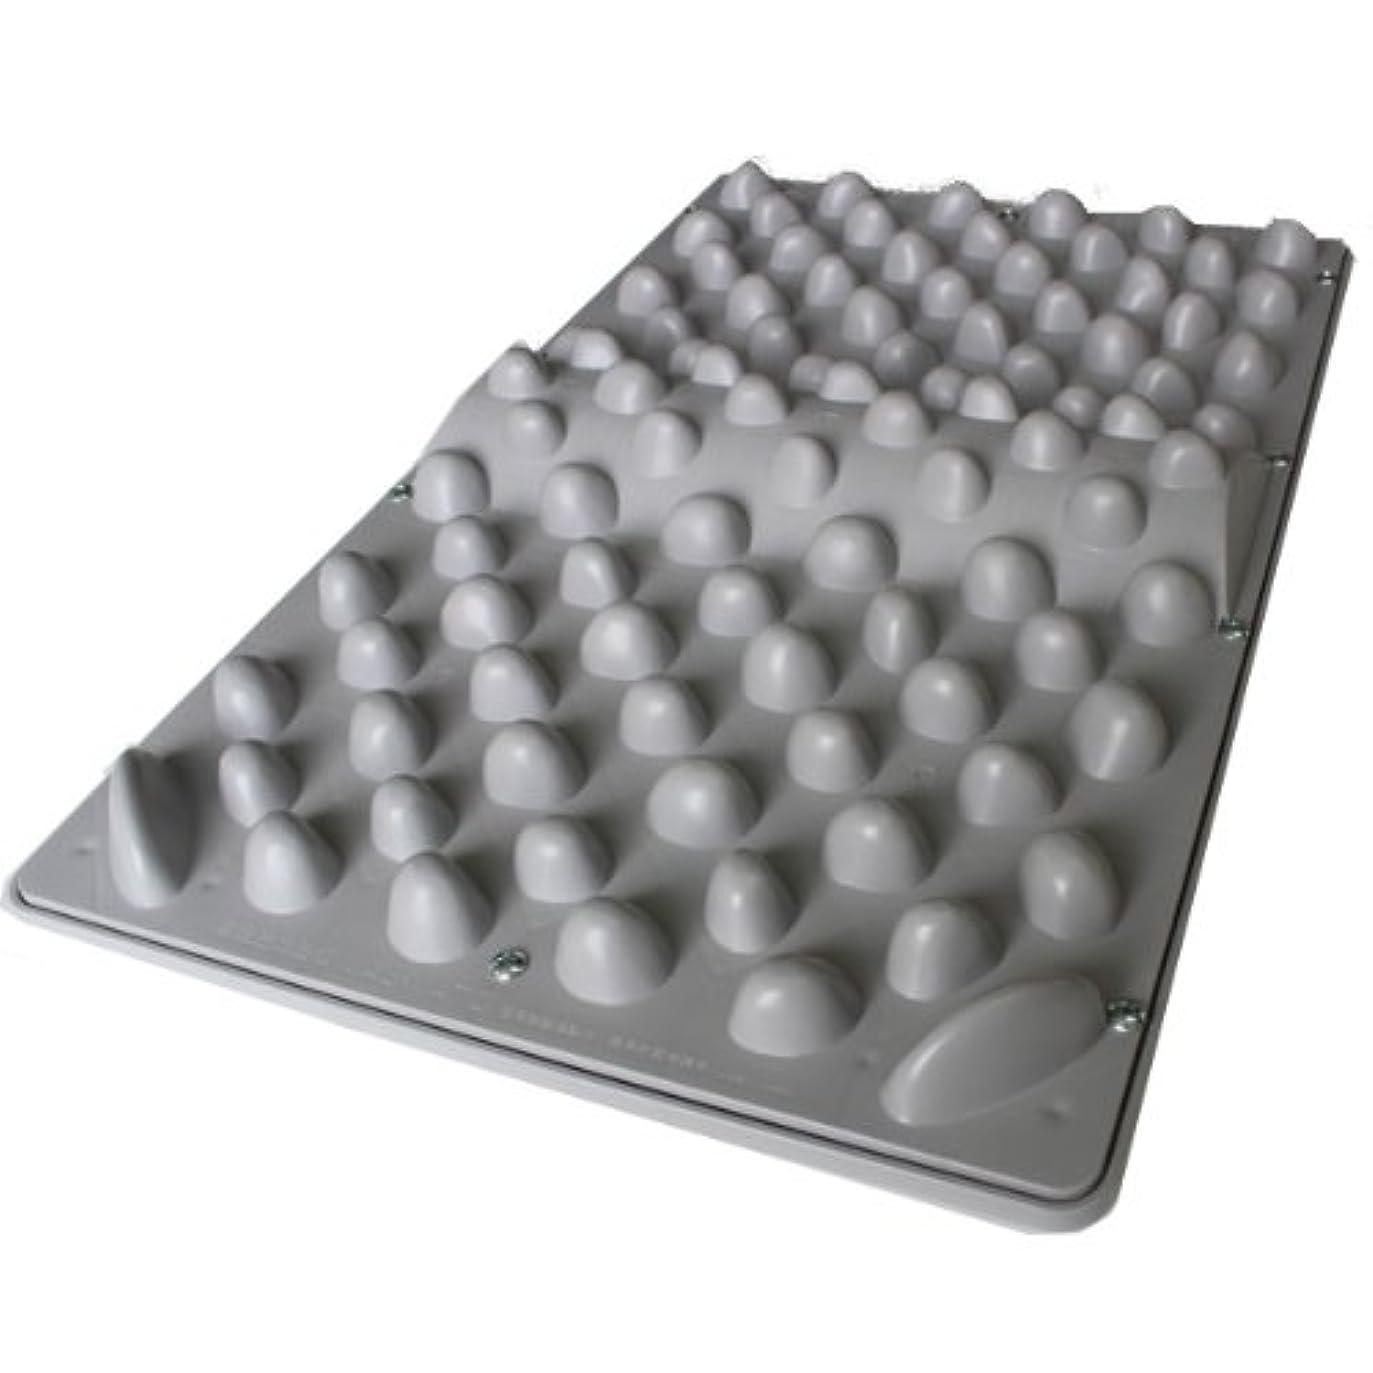 編集者胚芽請う官足法 ウォークマットⅡ 裏板セット(ABS樹脂製補強板付き)